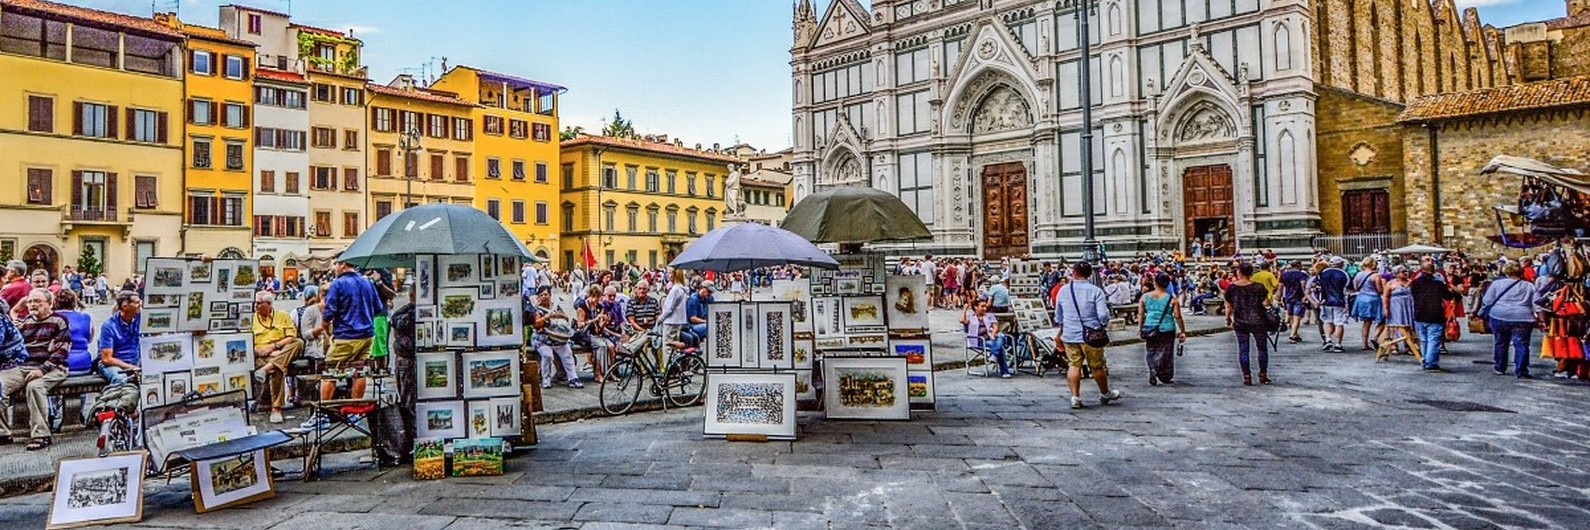 Florença: é surreal percorrer os mesmos caminhos que já foram de Da Vinci e Michelangelo